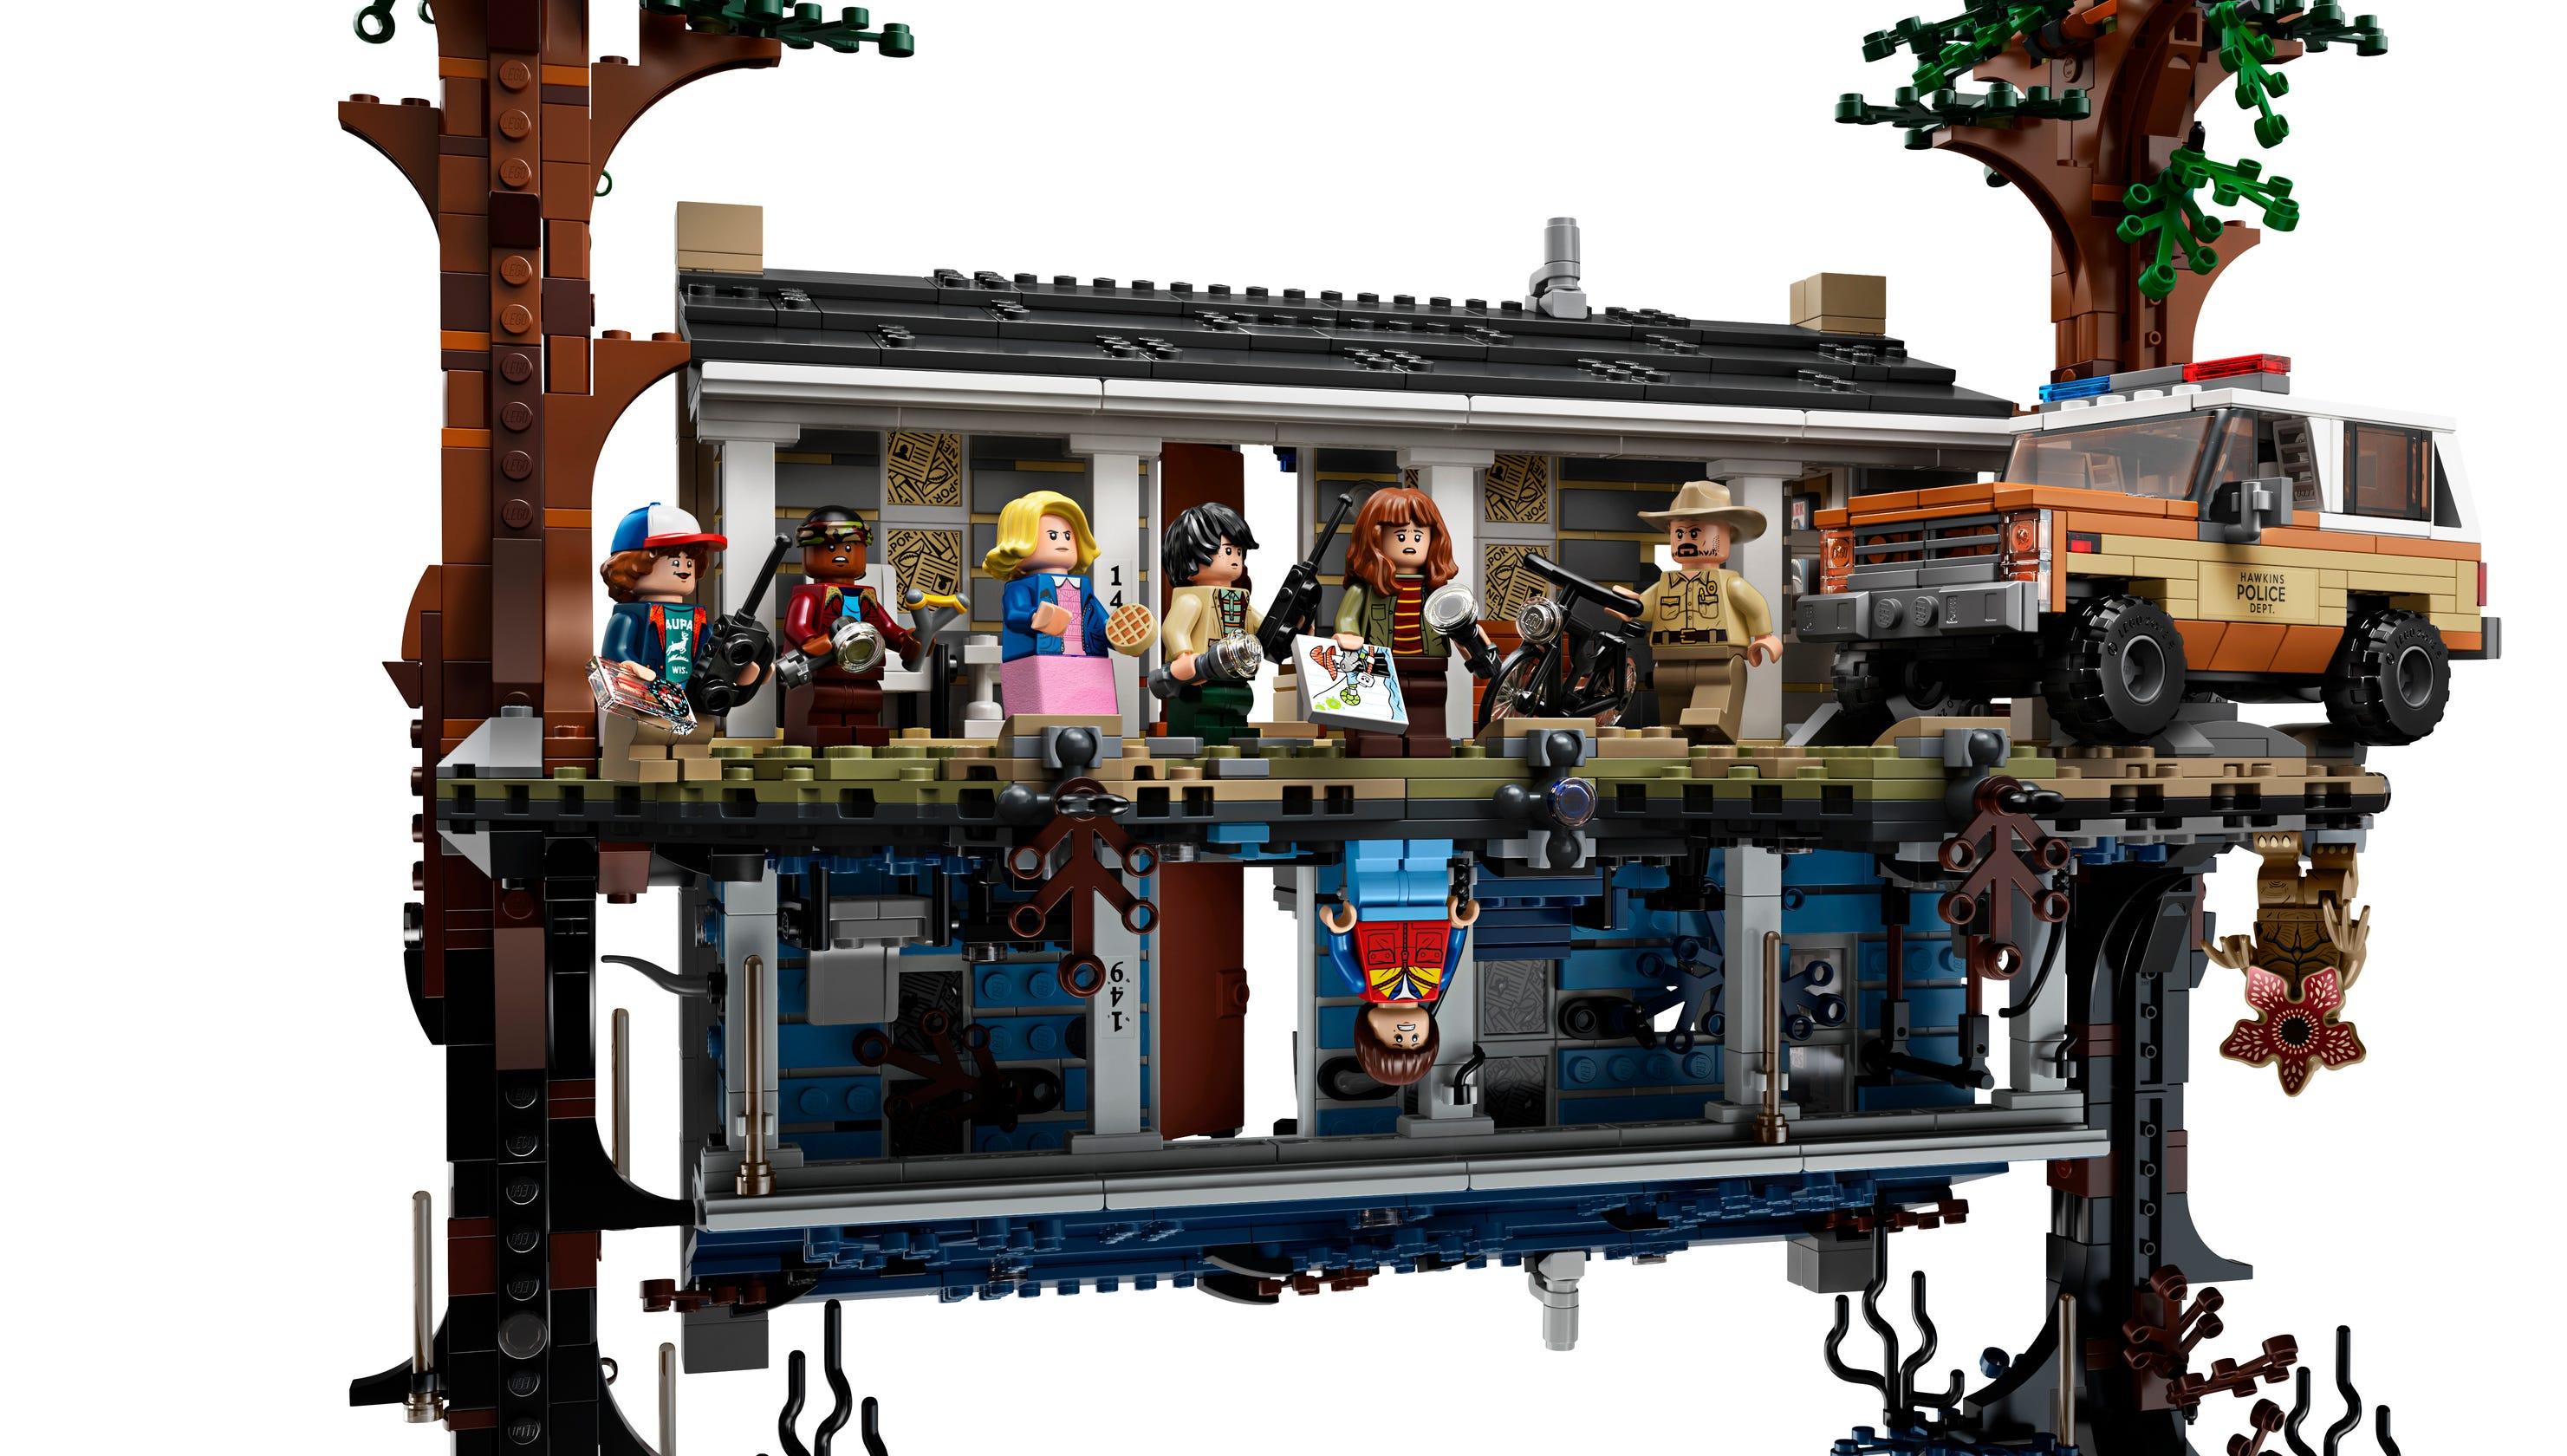 Lego 2019 Sets